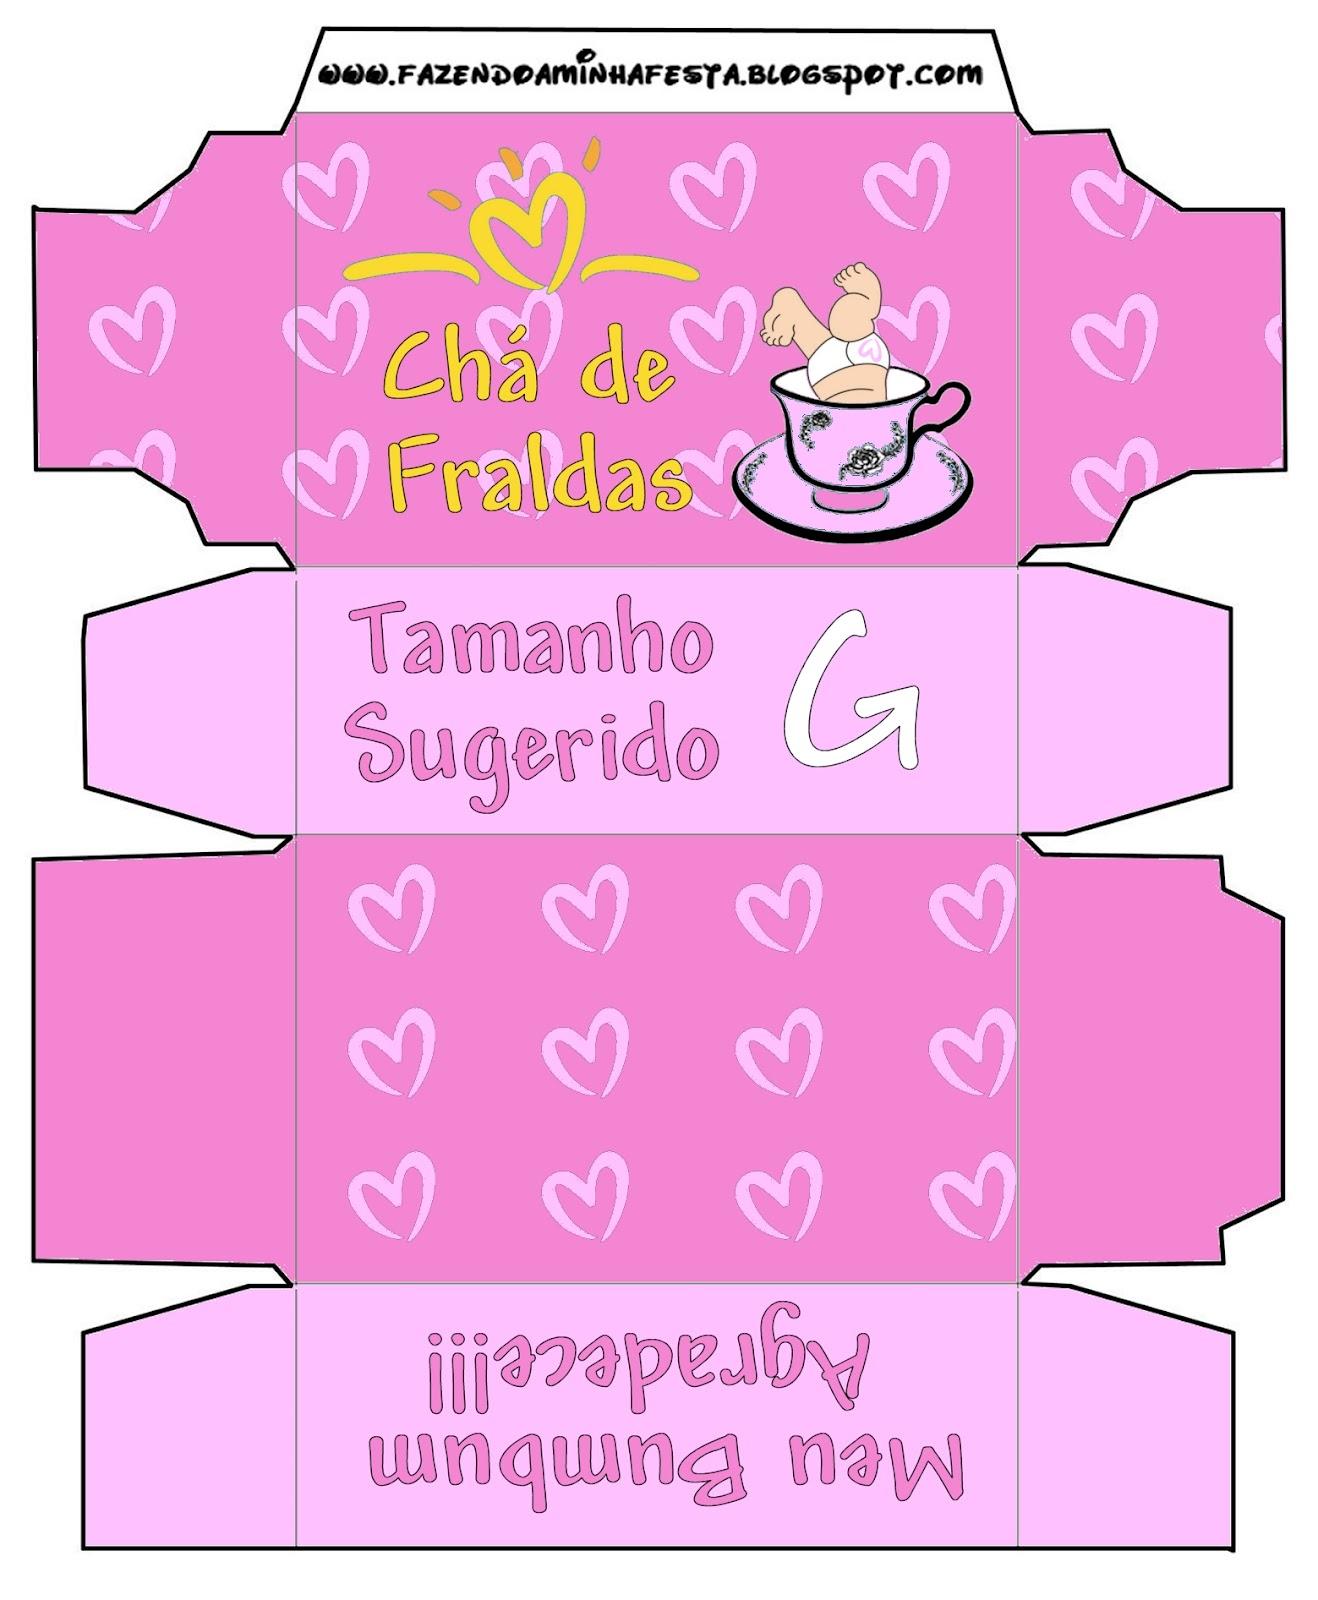 709cd8101bb2d Convite Caixa Pampers para Chá de Fraldas! - Fazendo a Minha Festa